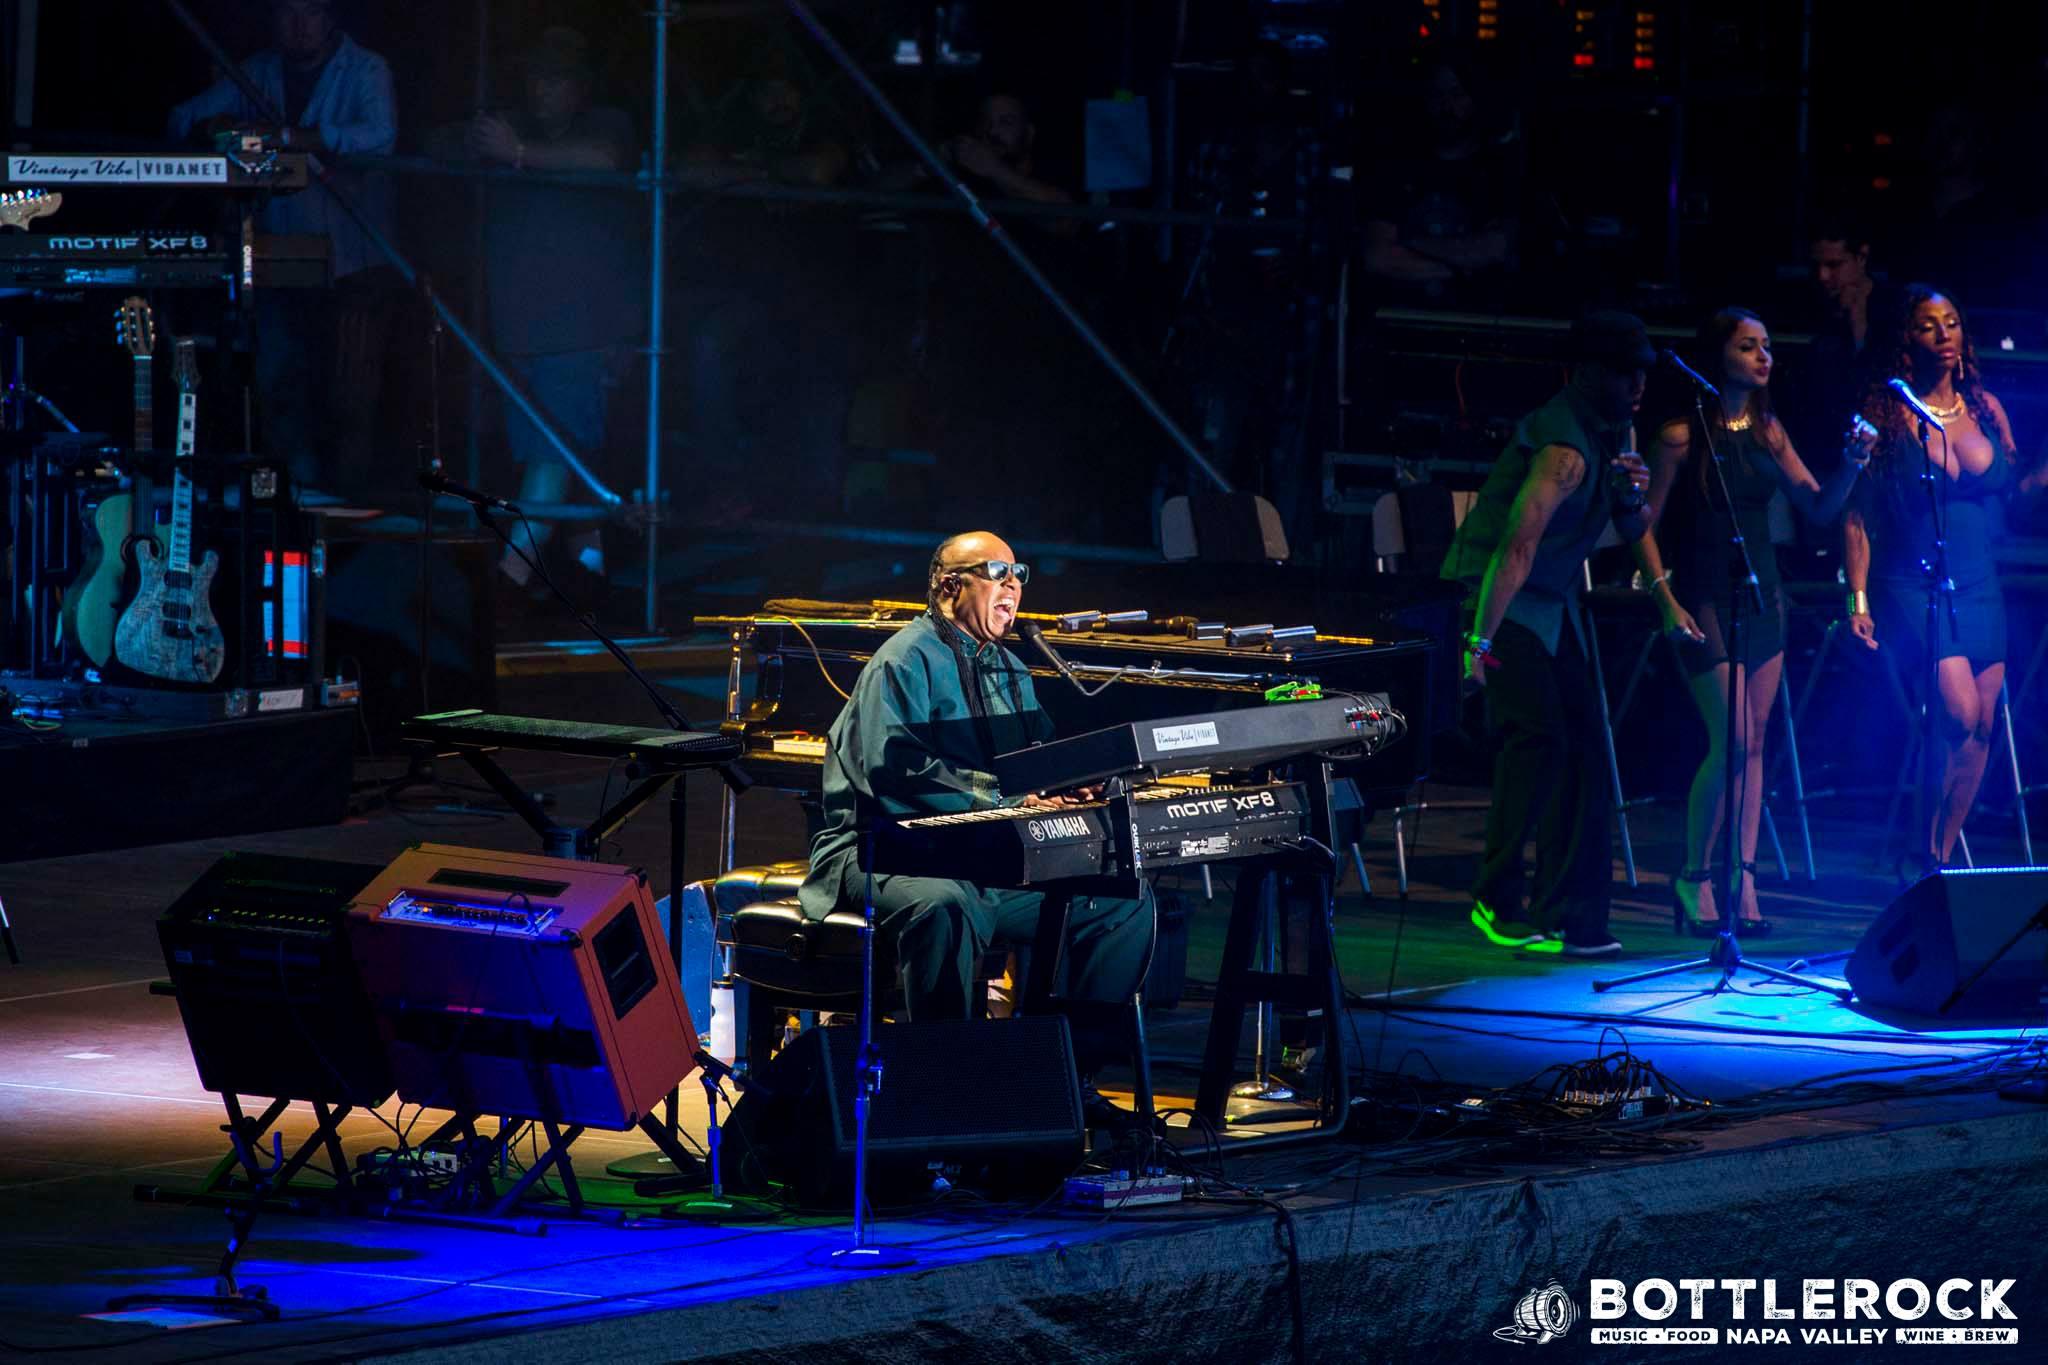 Steve Wonder performs at last year's BottleRock